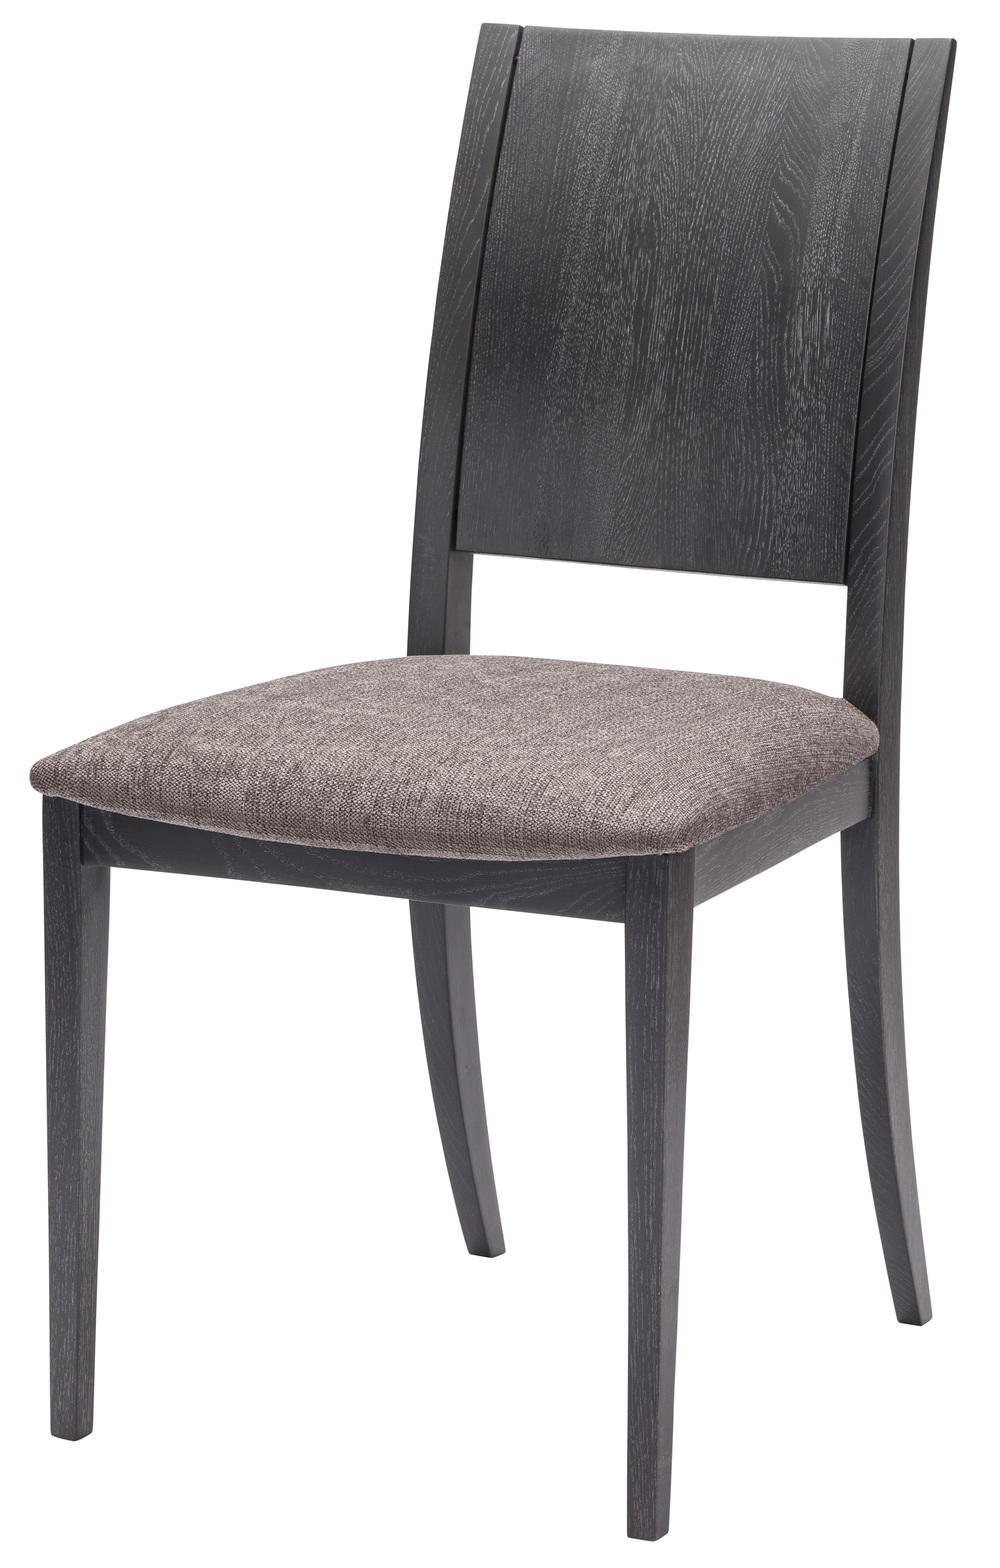 Nuevo - Eska Dining Chair